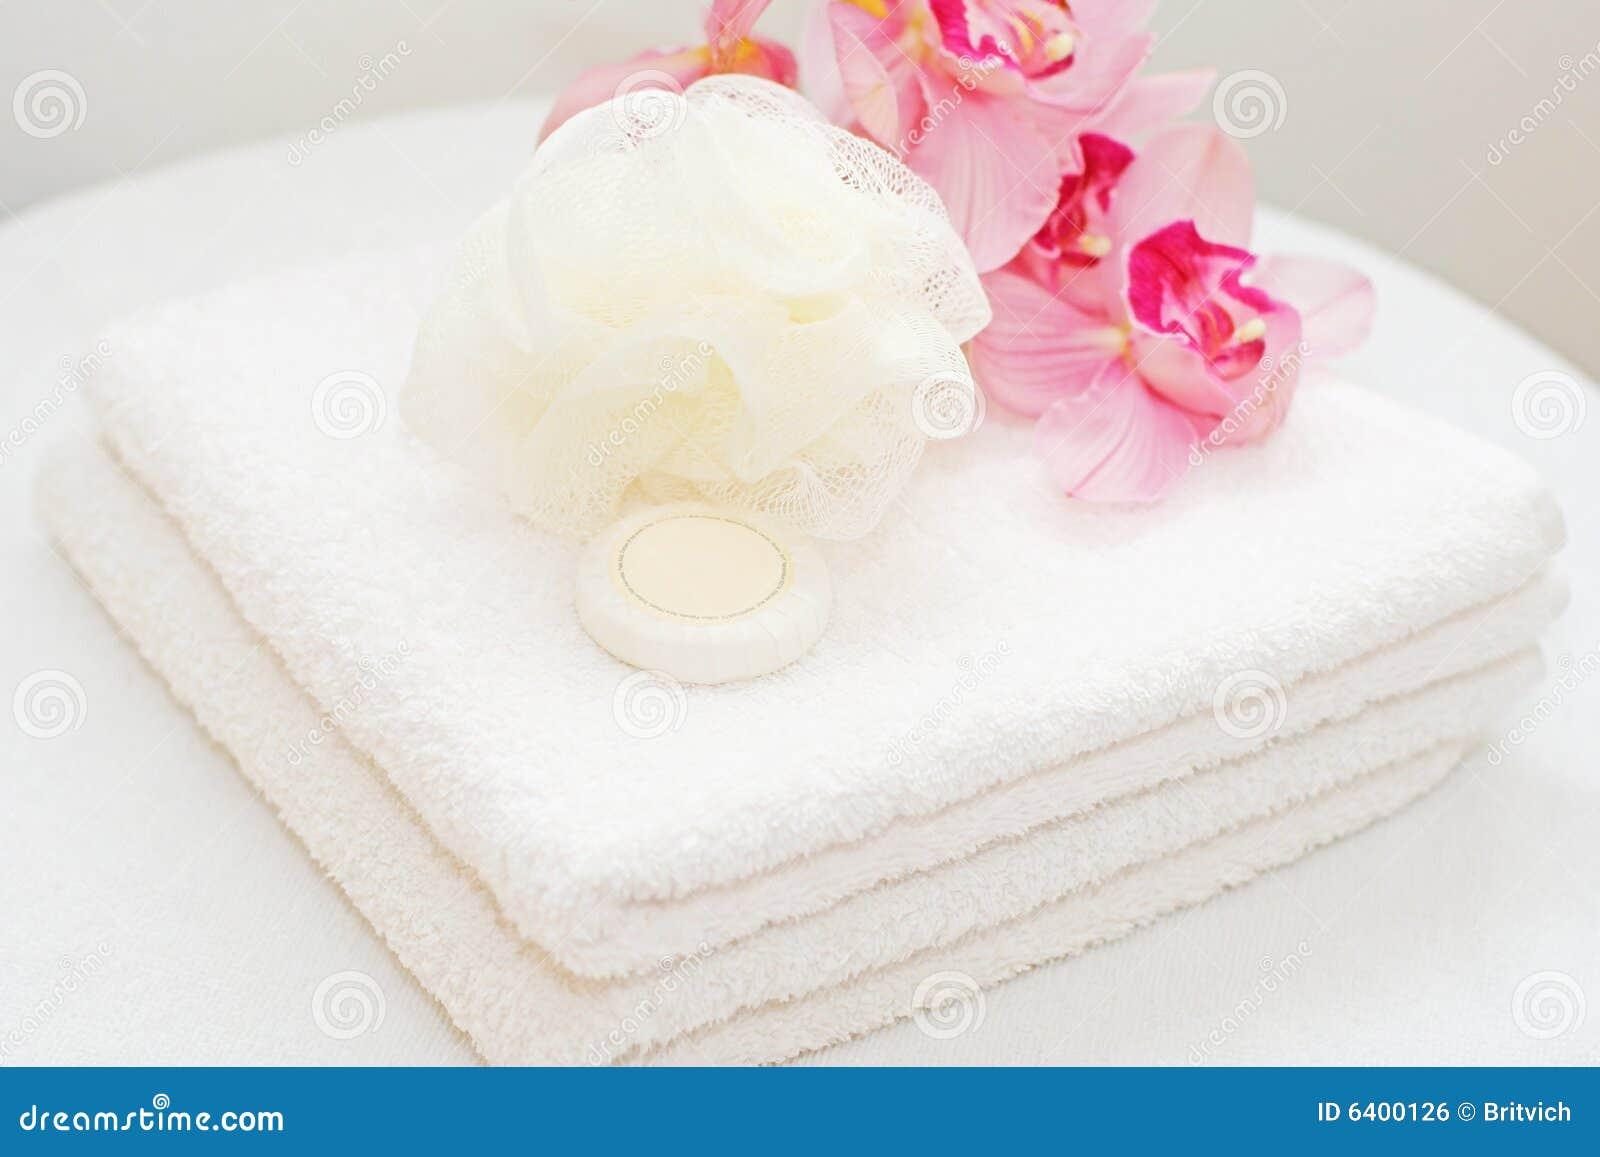 Witte handdoeken met orchideeën